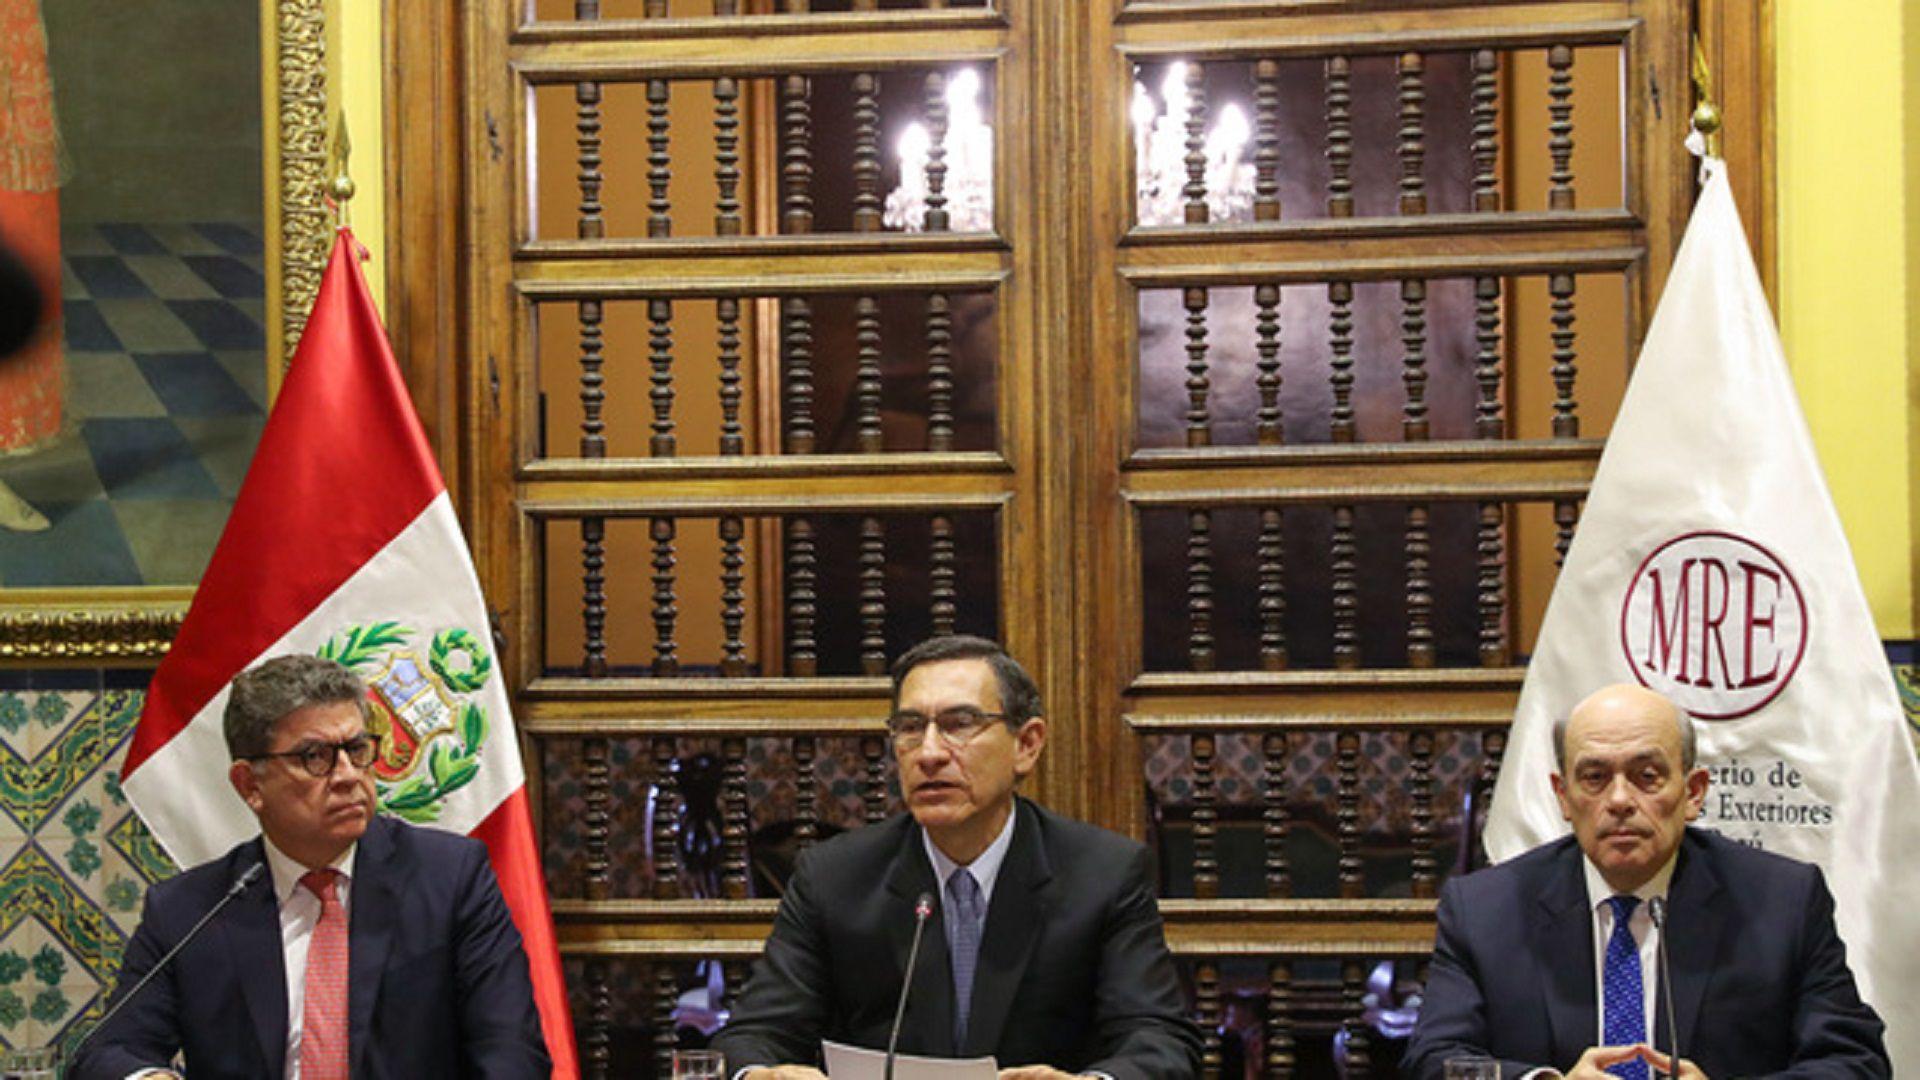 El presidente Martín Vizcarra, flanqueado por el canciller Gustavo Meza-Cuadra y el embajador Hugo de Zela